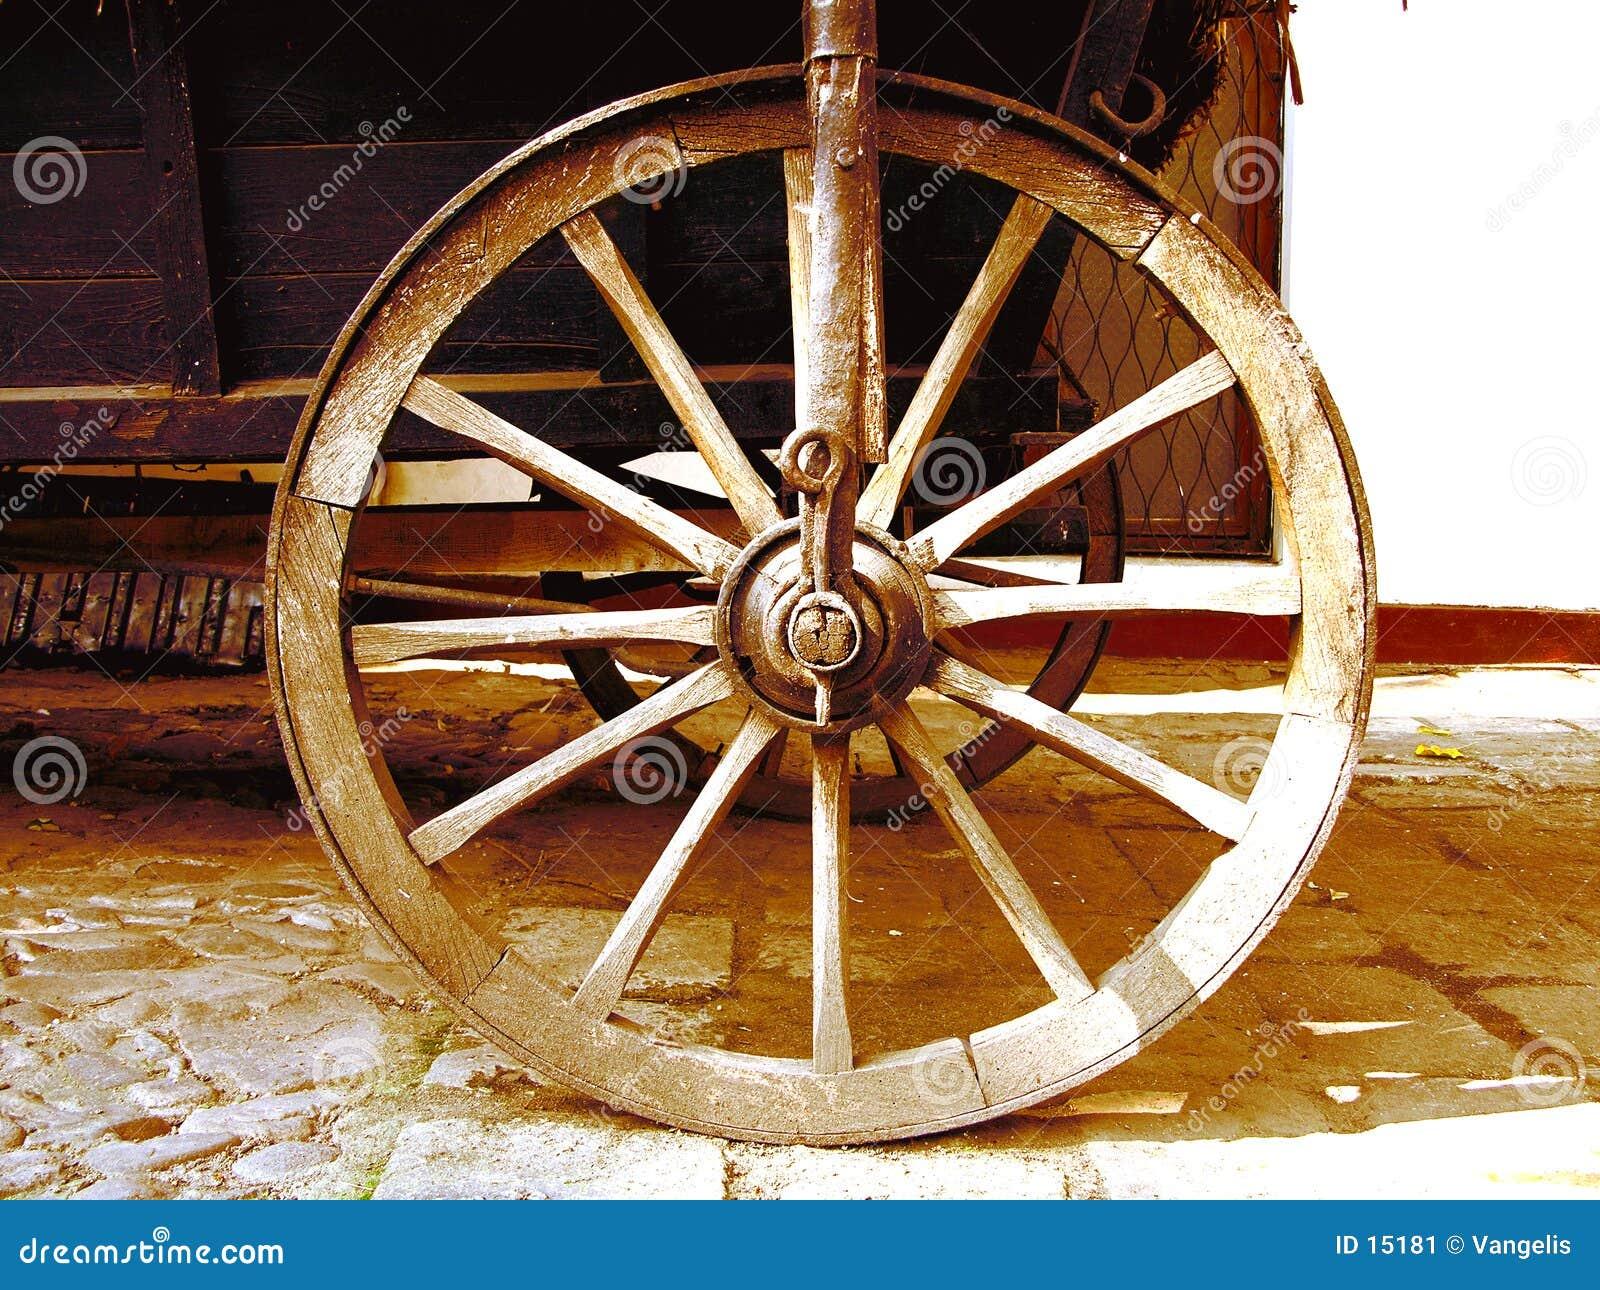 roue de chariot antique image stock image du haut d sol 15181. Black Bedroom Furniture Sets. Home Design Ideas